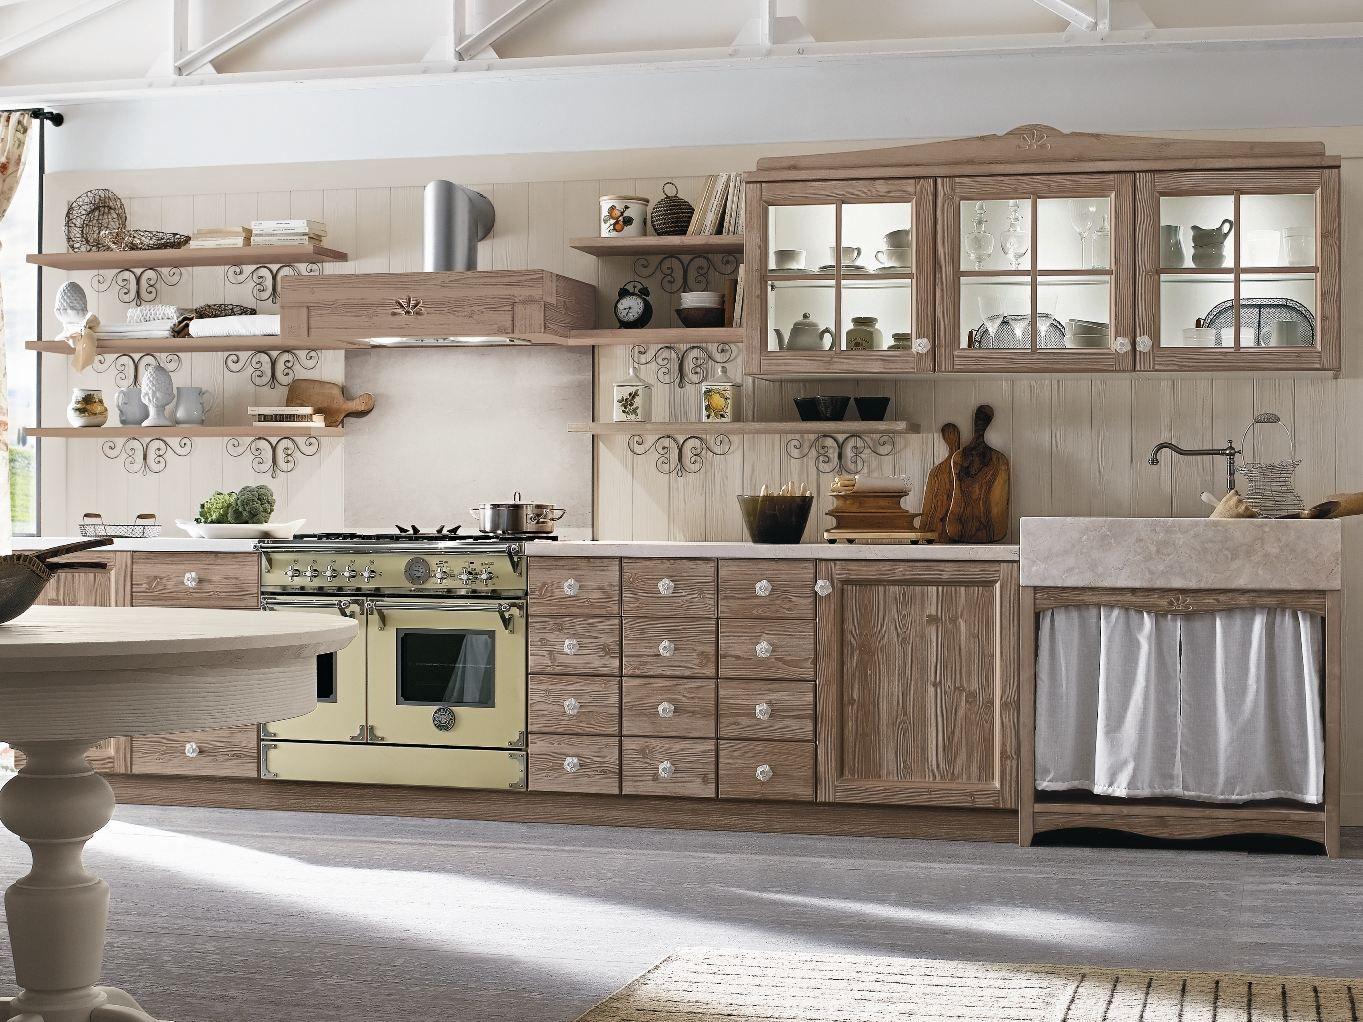 Cucina lineare country callesella arredamenti cucine for Arredamento cucina country